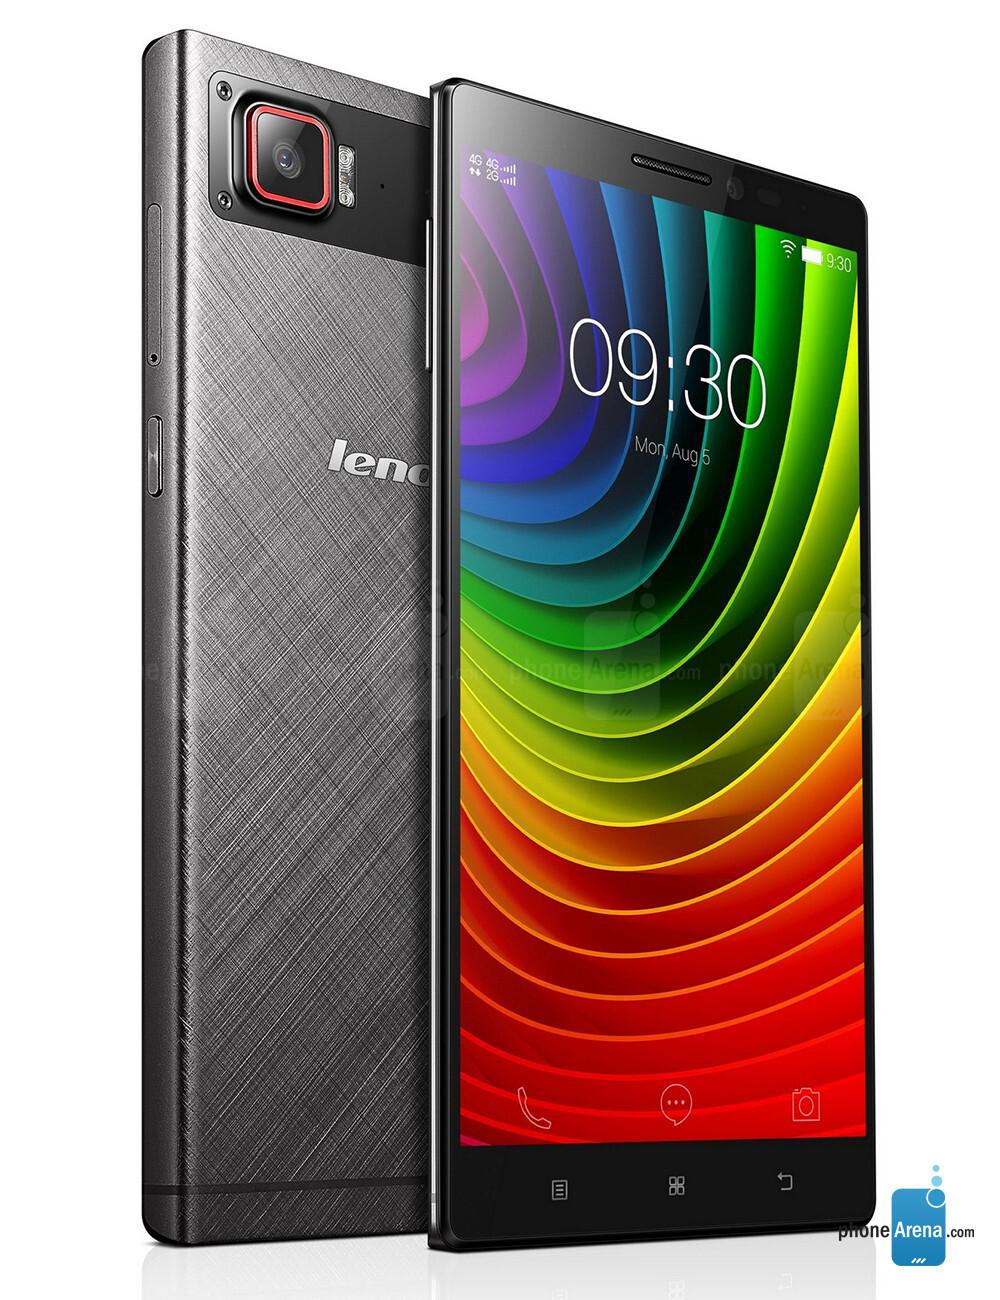 Lenovo VIBE Z2 - VIBE Z2 Lenovo Smartphone | Lenovo UAE